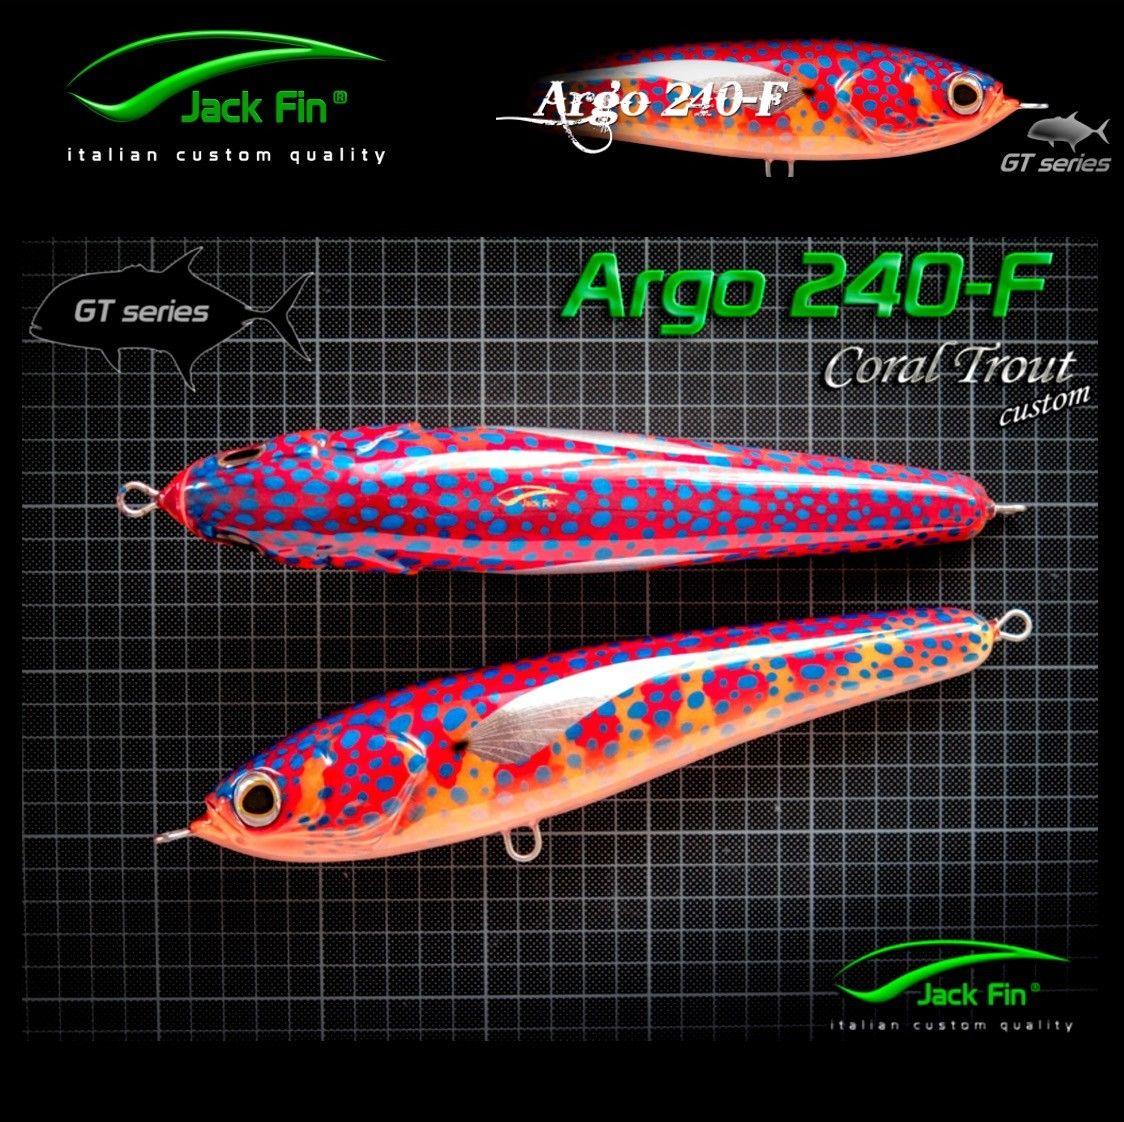 Jack Fin Handmade Stick Bait Gt Series Argo 240-F